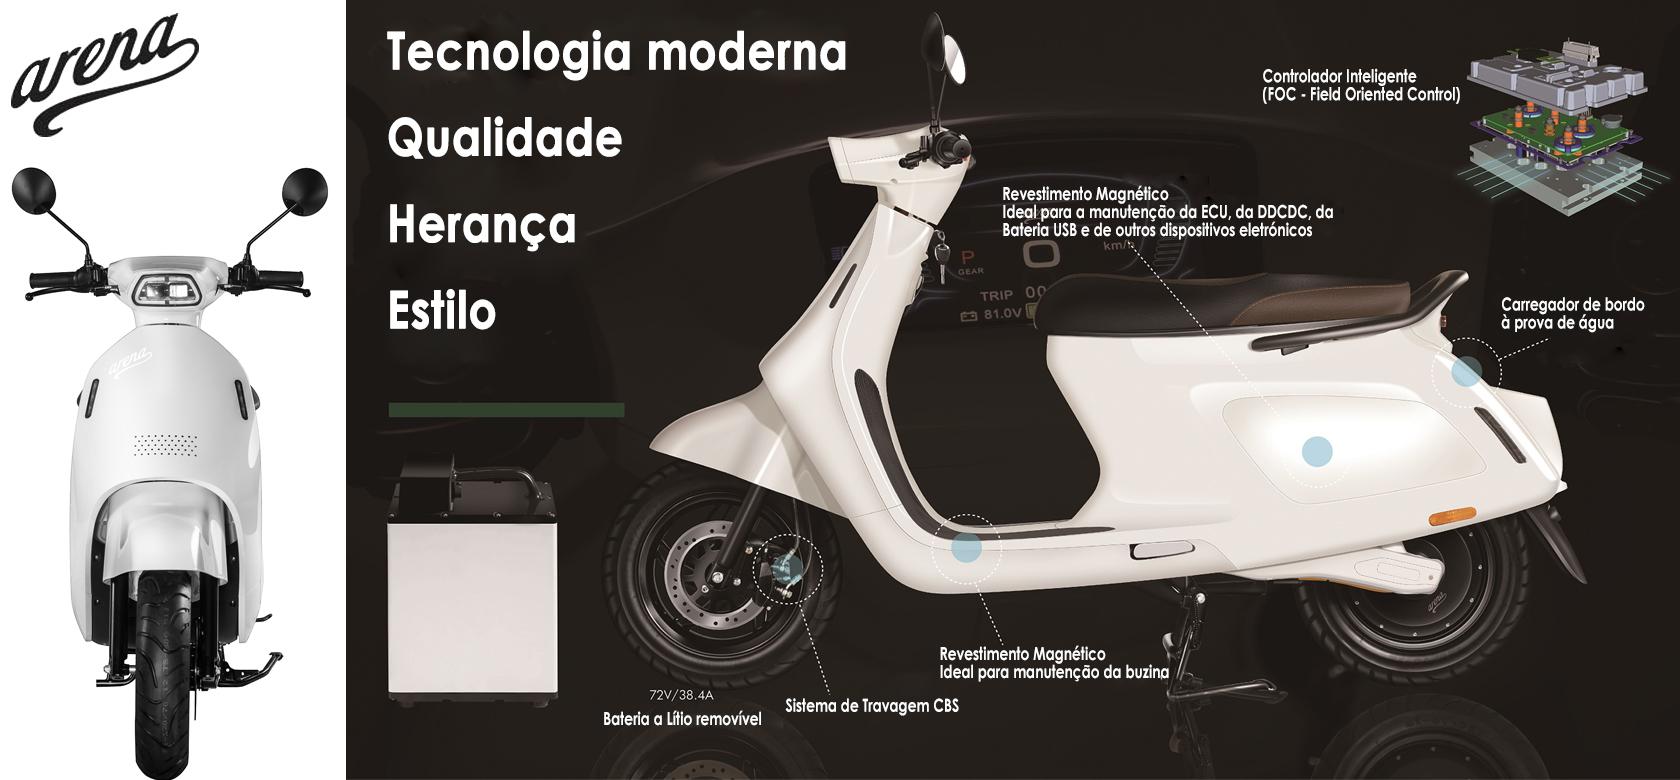 Distribuidor Oficial da ARENA em Portugal 2